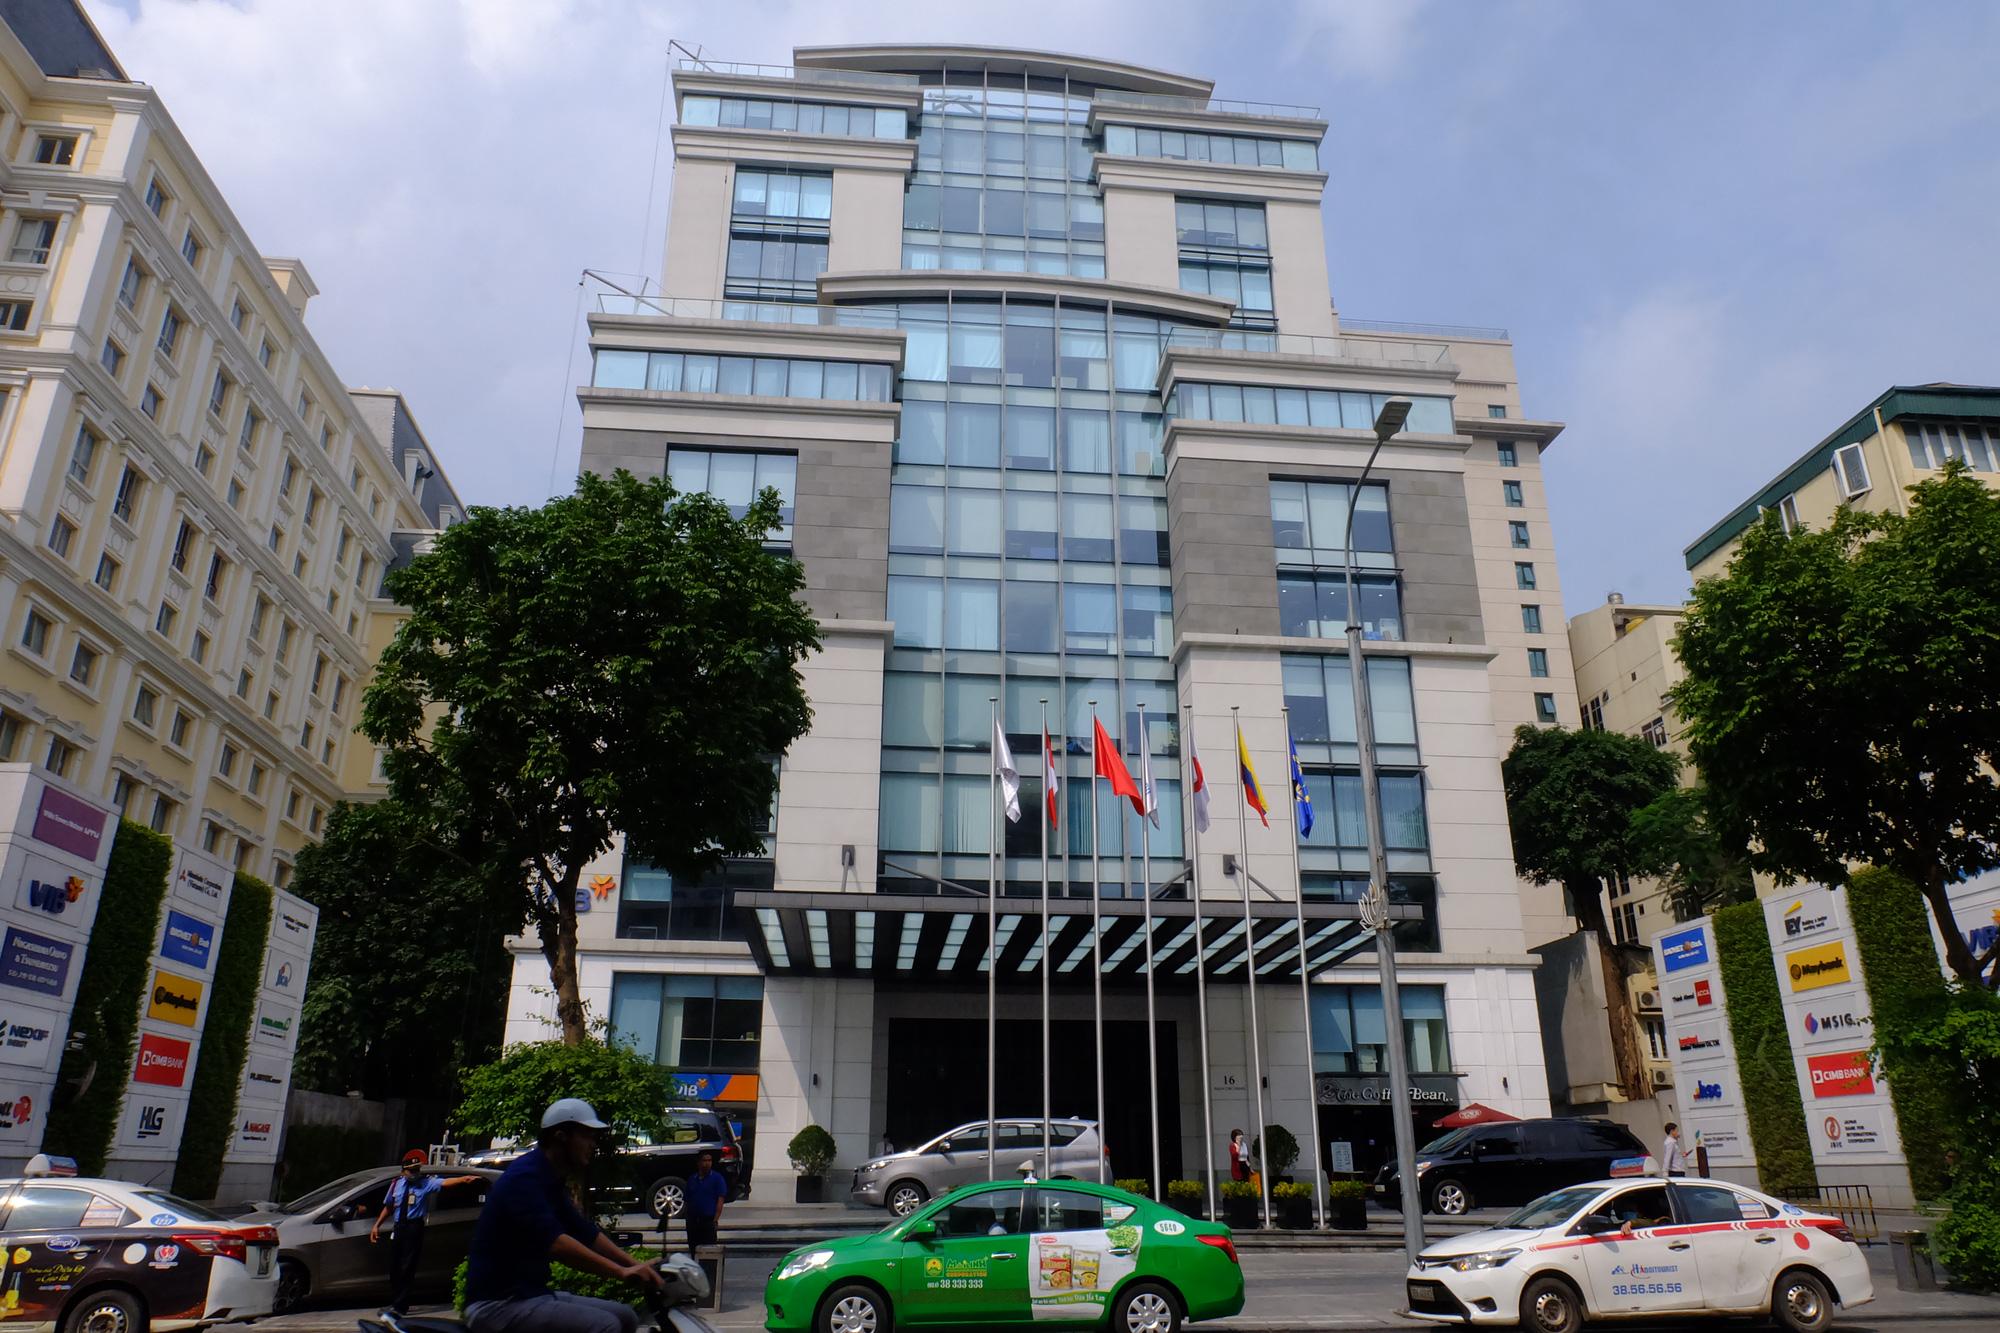 Giá thuê văn phòng tại Hà Nội và TP HCM chỉ đứng sau Singapore trong khu vực ASEAN - Ảnh 1.